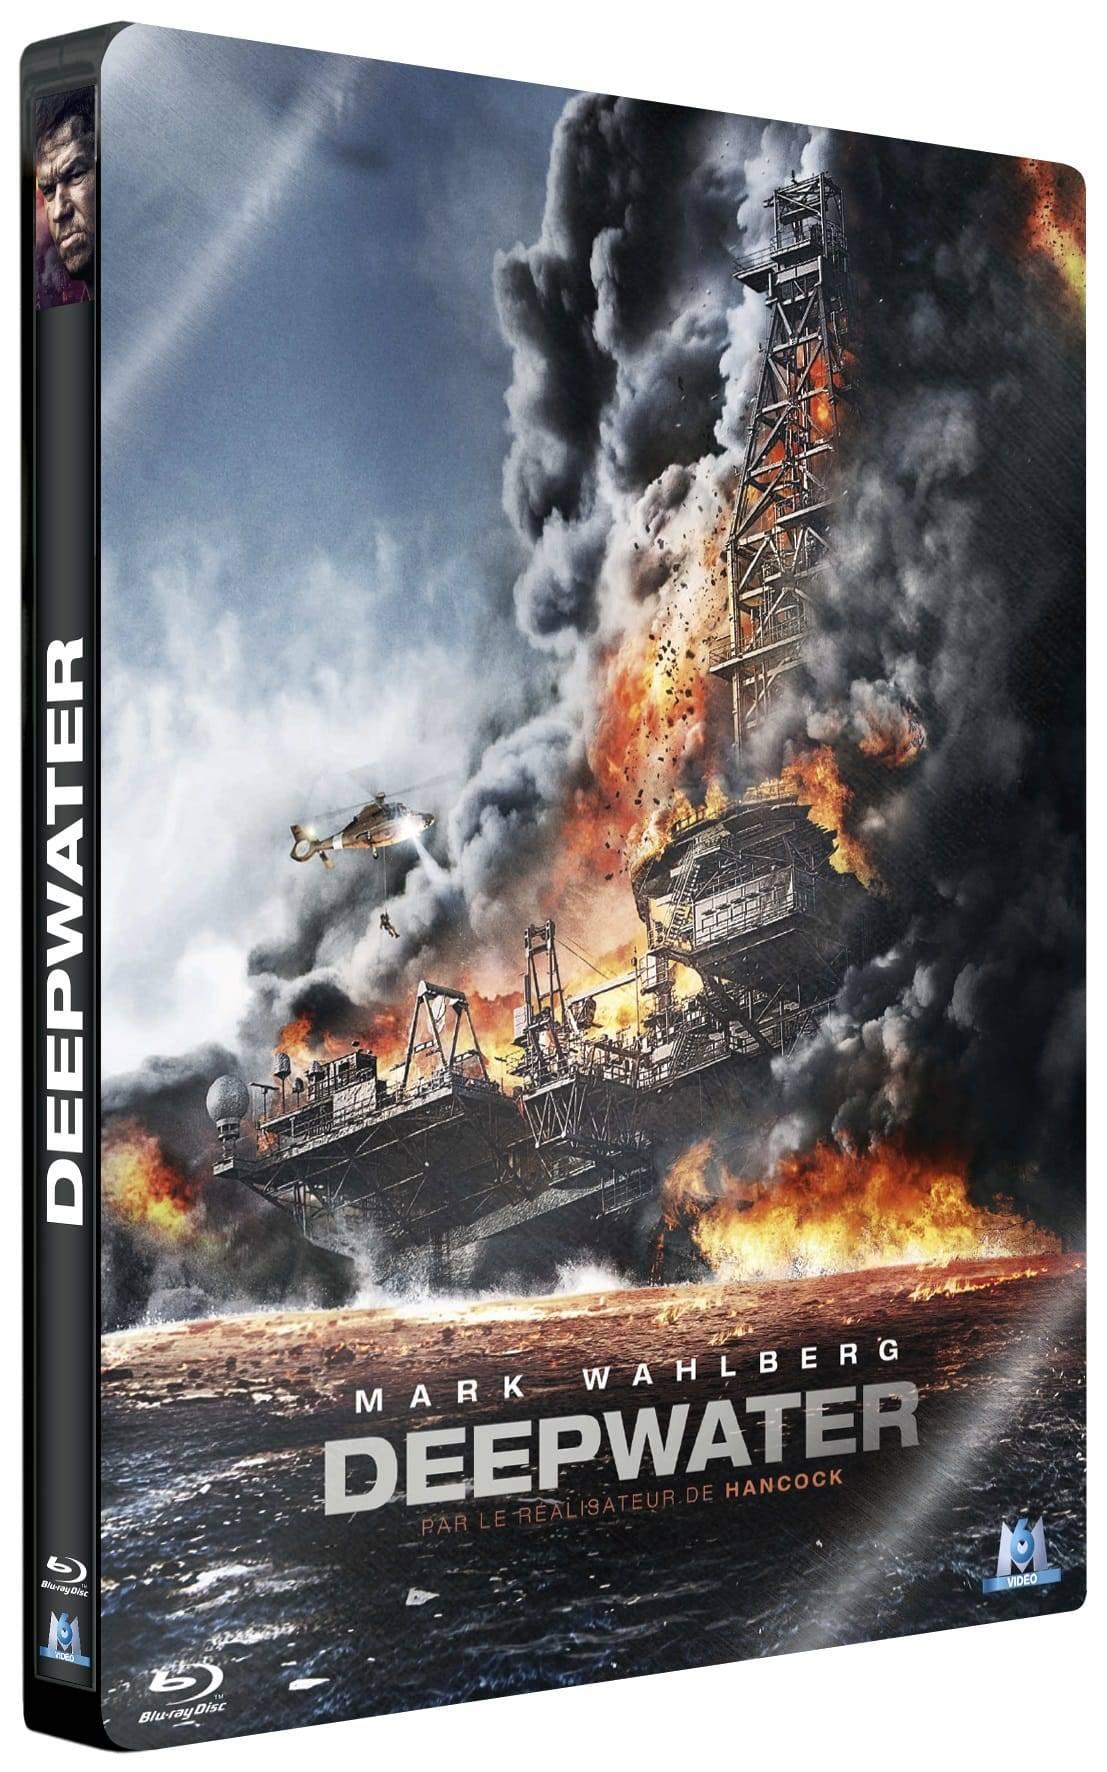 BR_Deepwater-film